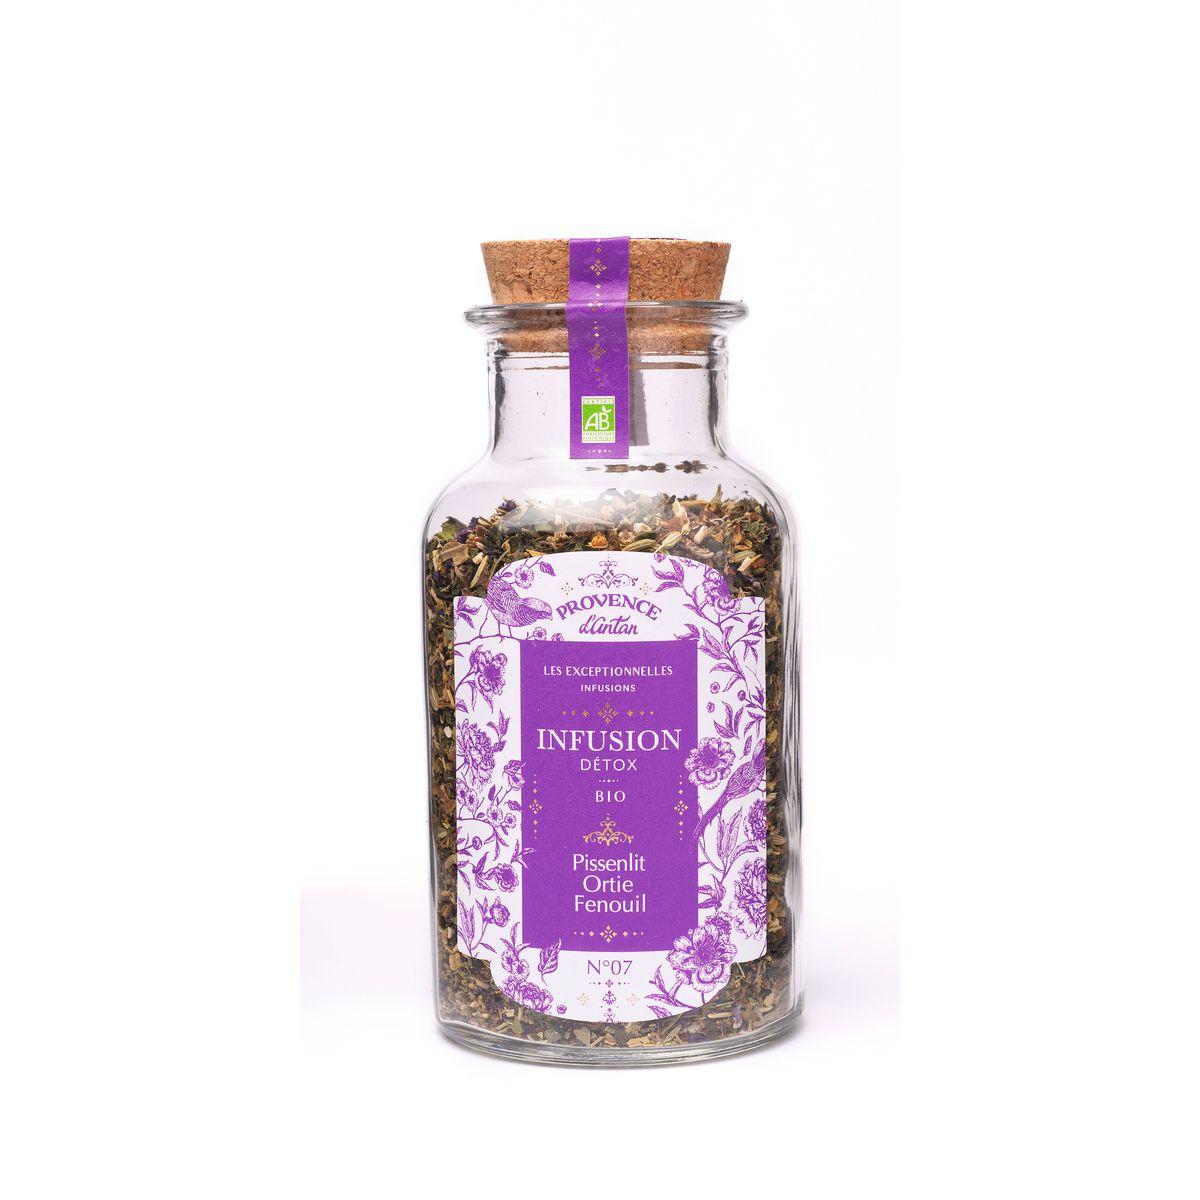 Infusion bio detox vrac pissenlit/ortie/fenouil 50gr - Provence d'Antan